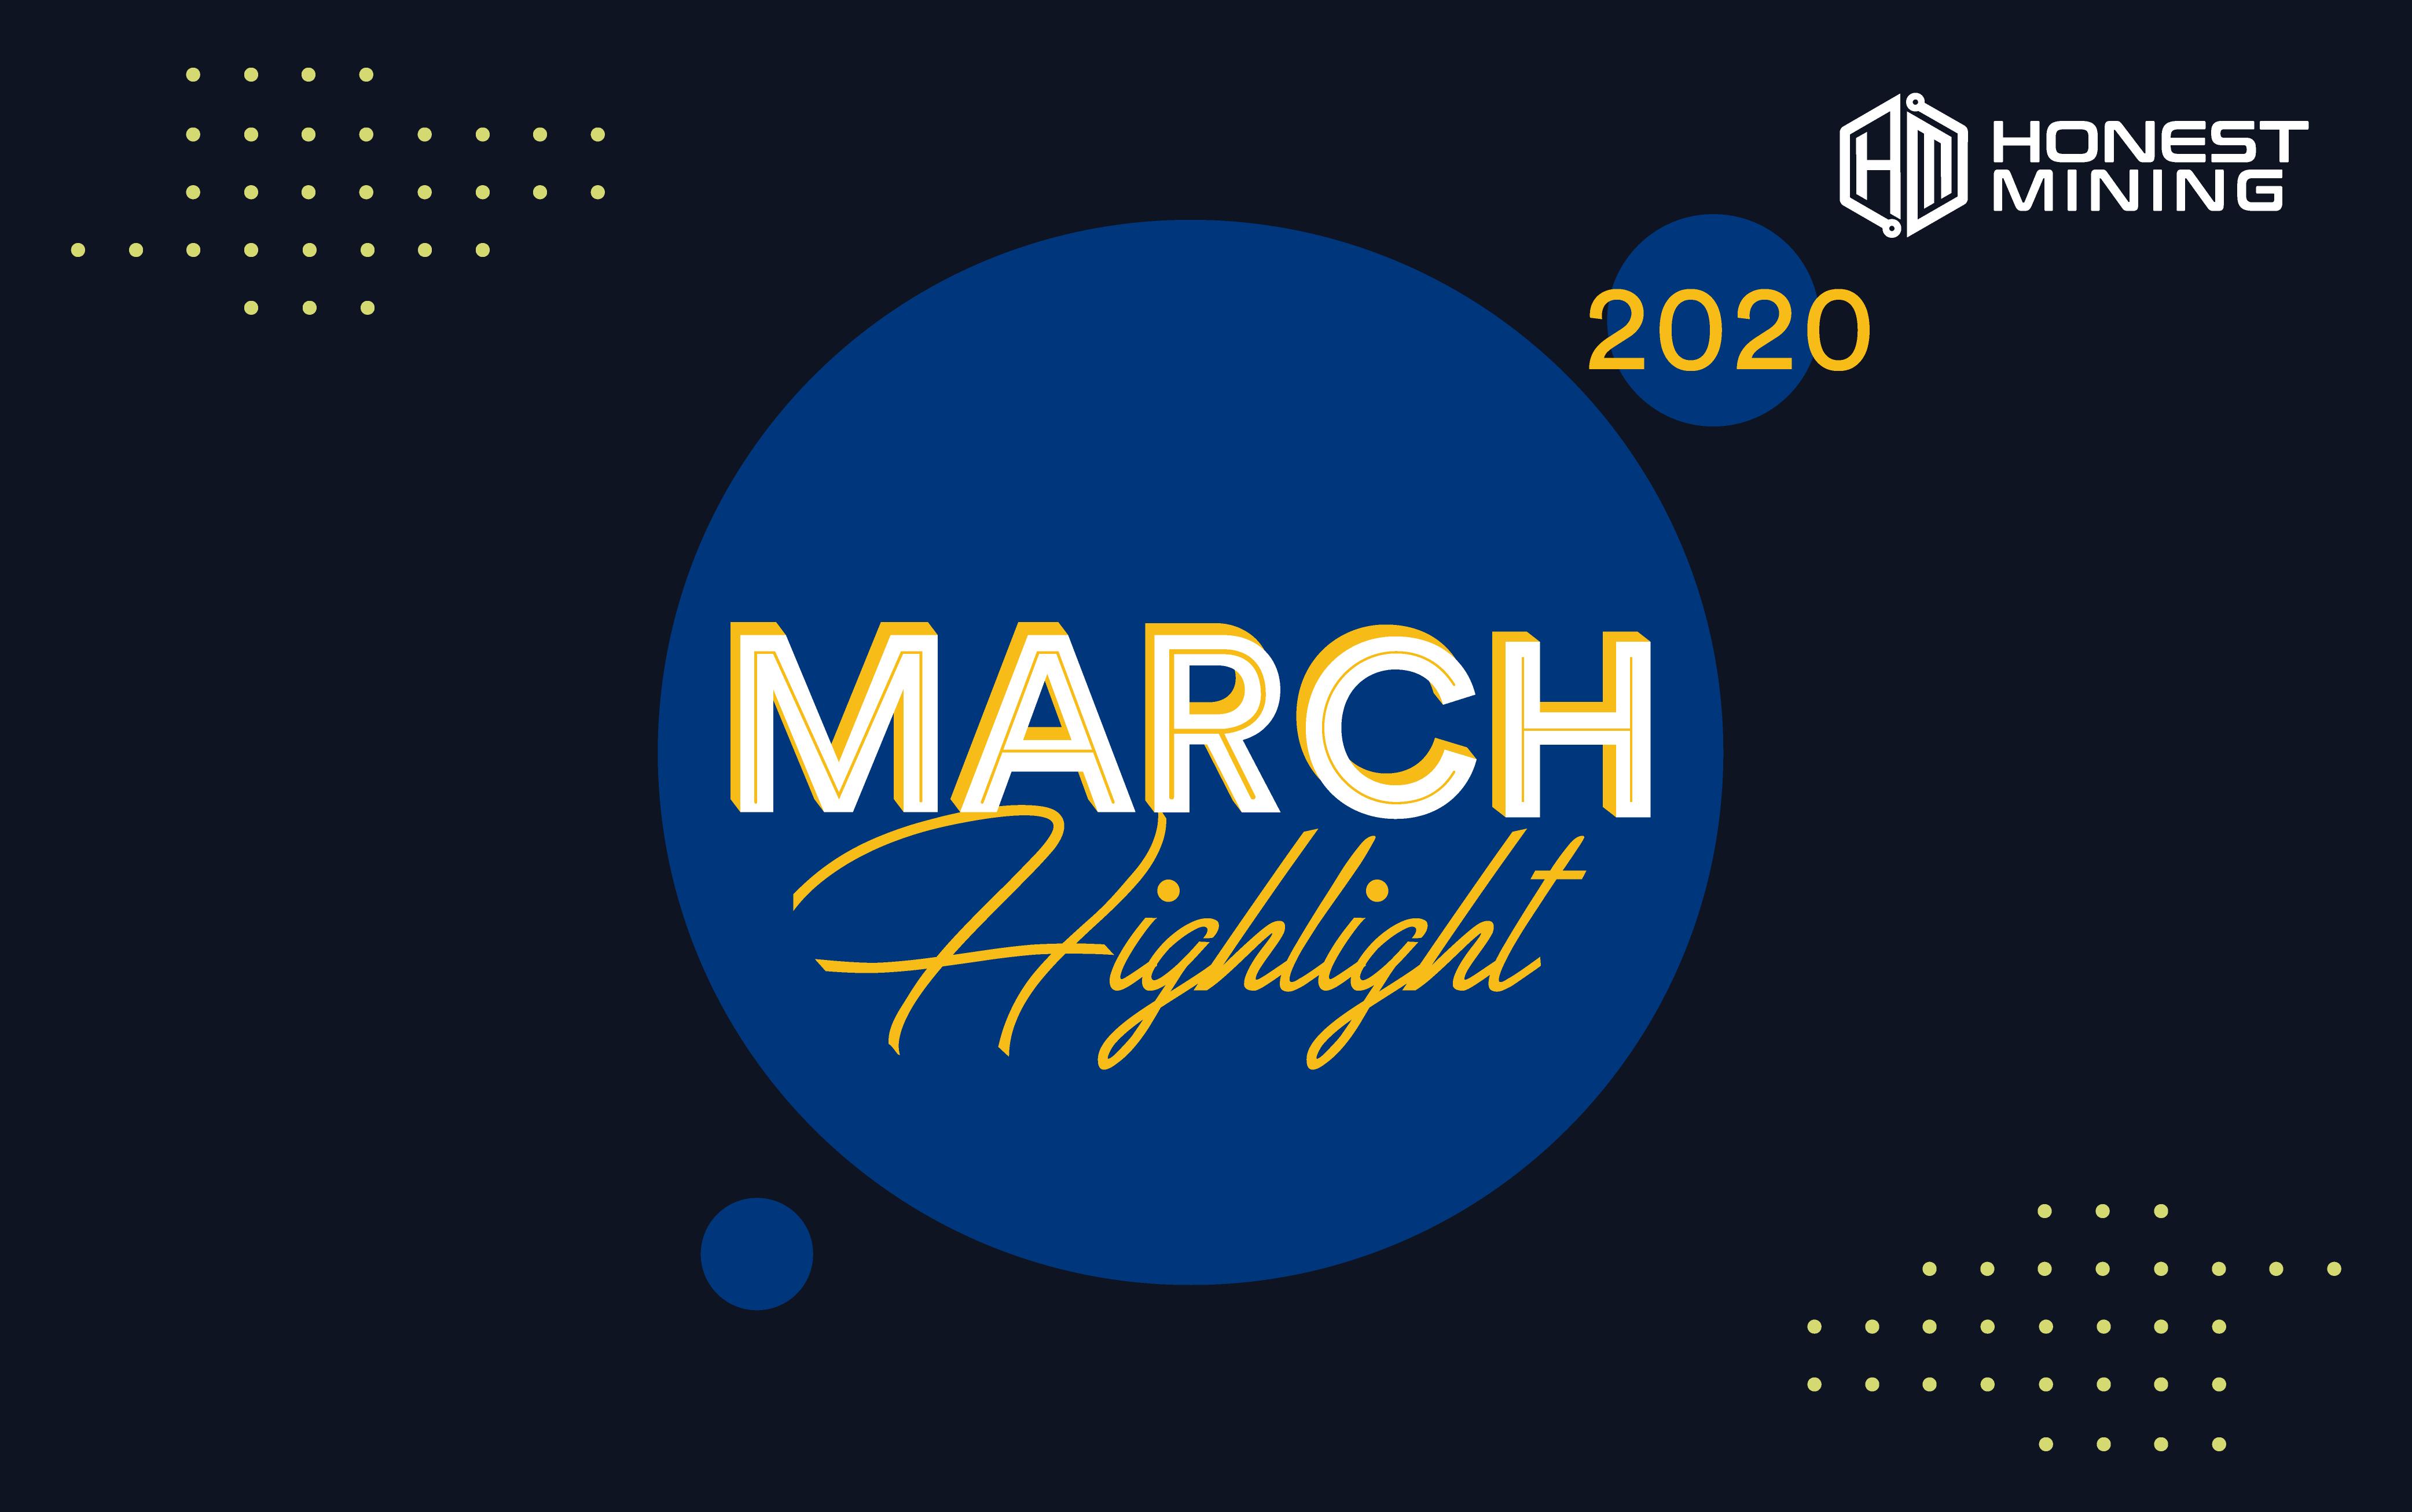 Honest Mining March 2020 Highlight